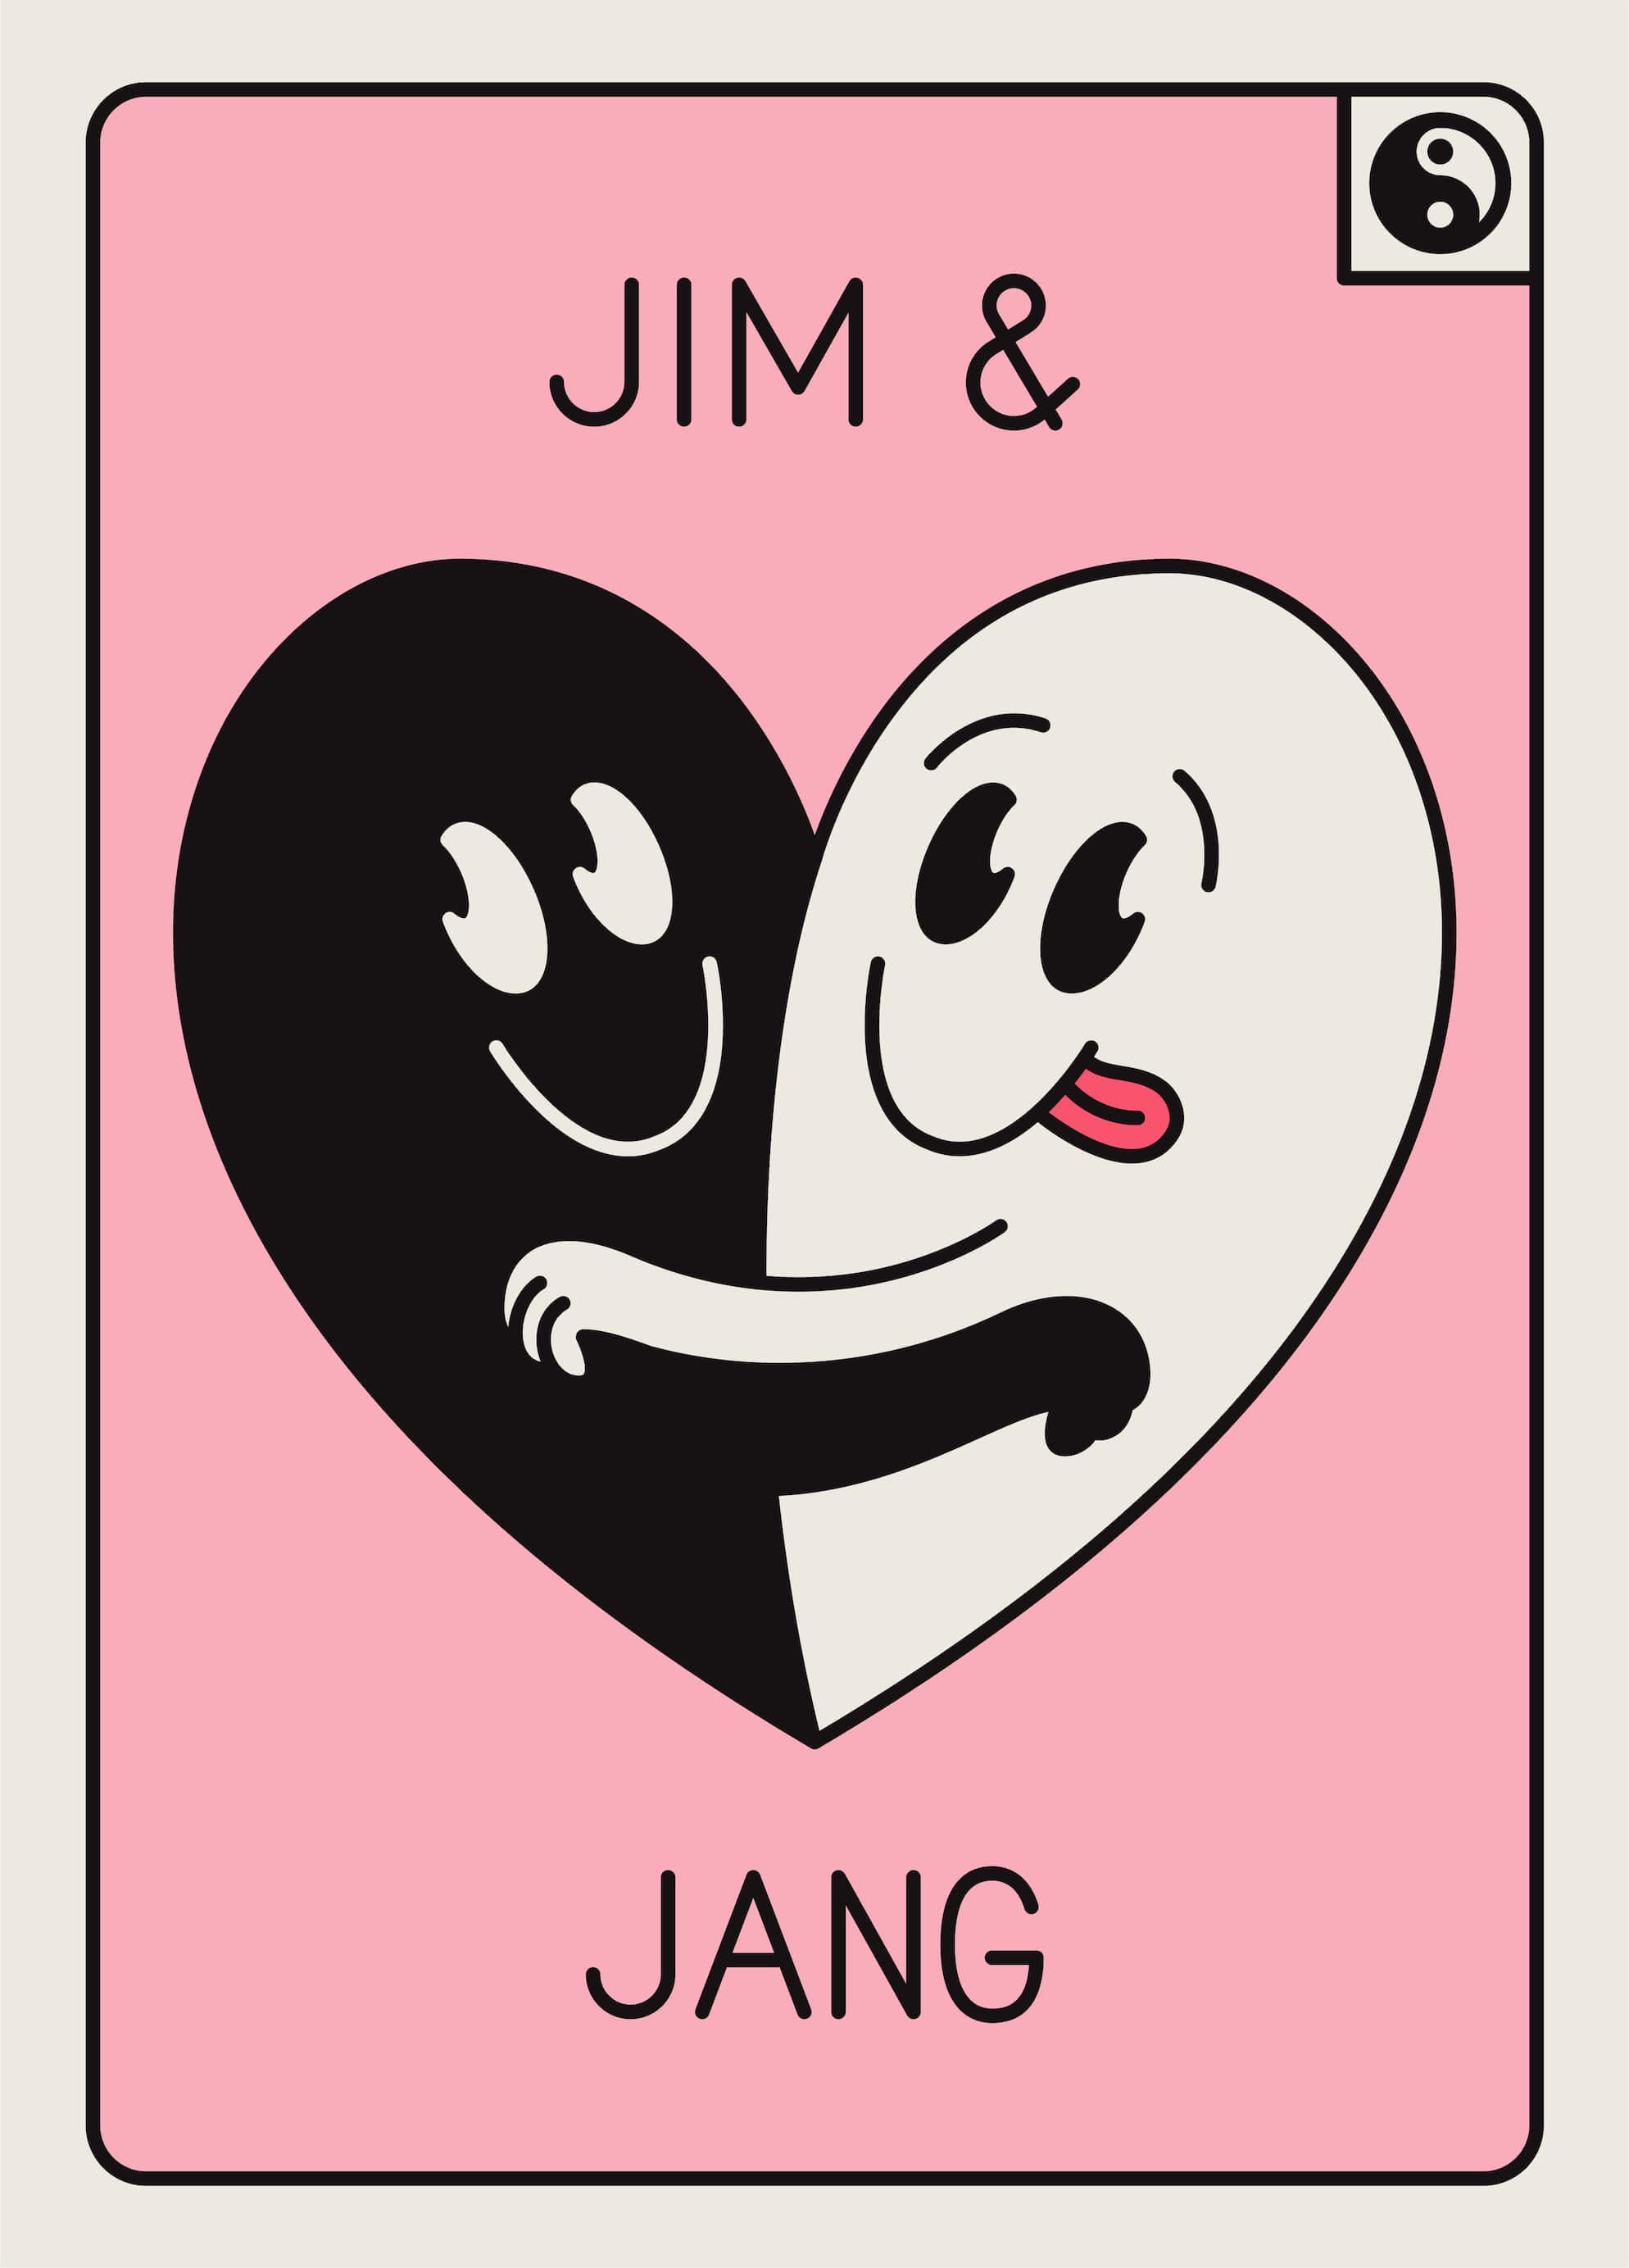 Jim & Jang main image